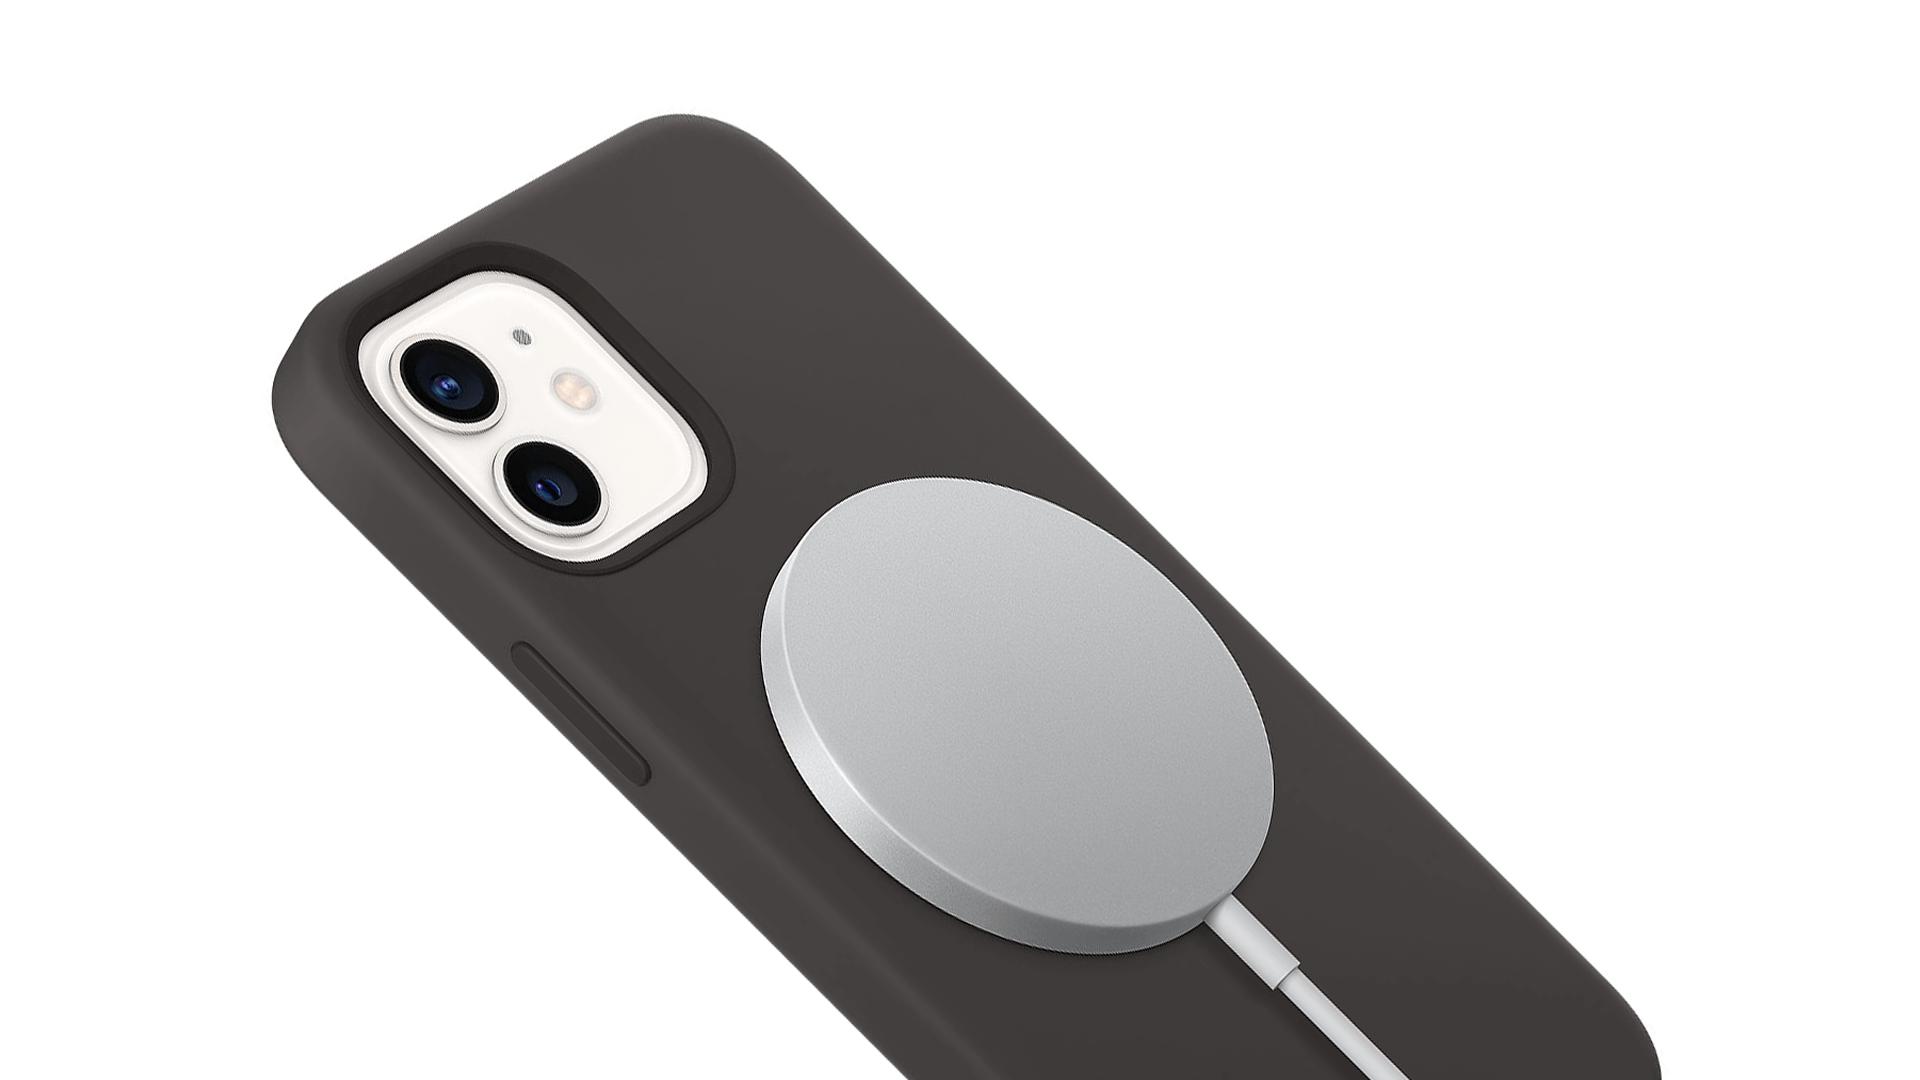 Зарядное устройство MagSafe может оставлять круглые отпечатки на чехлах iPhone 12, работает с адаптерами на 12 Вт